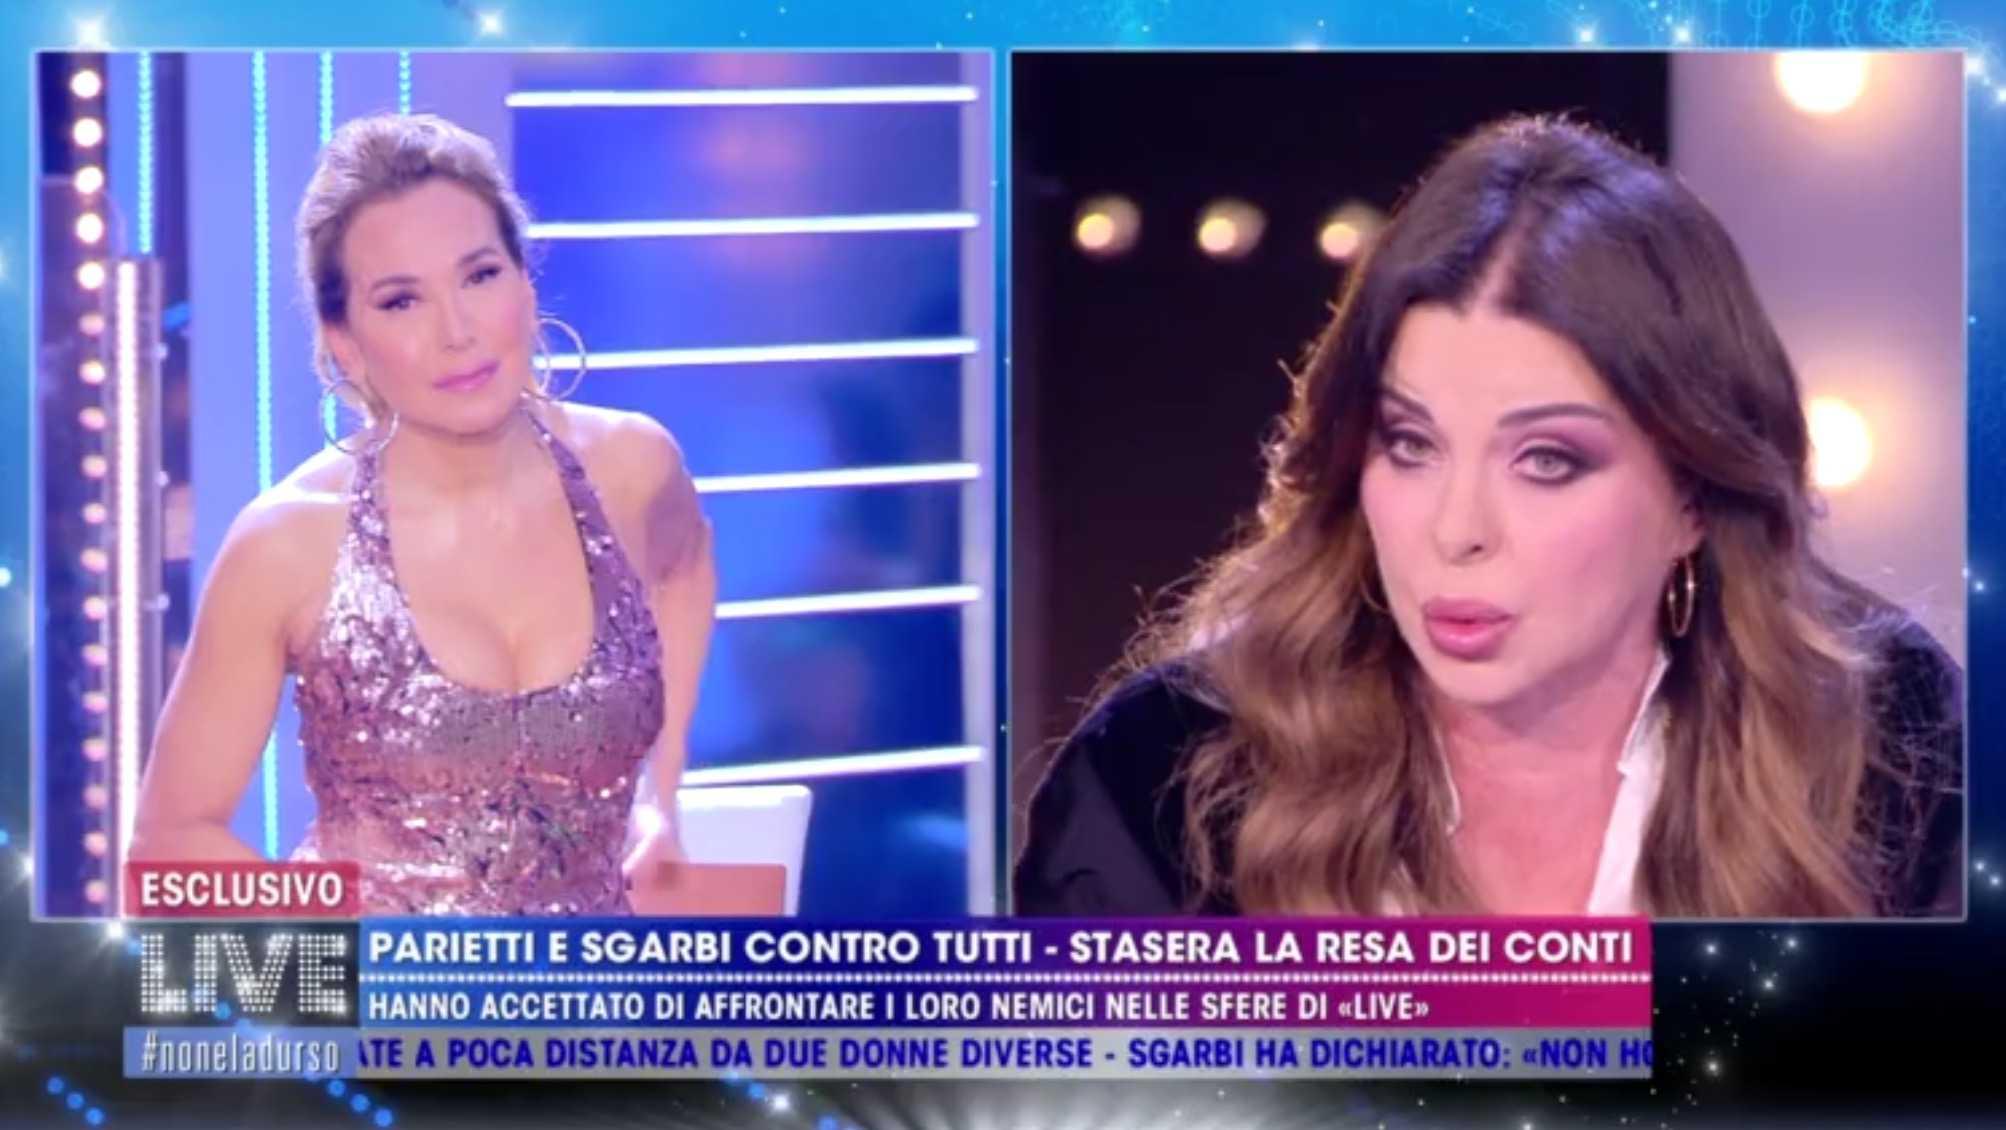 """Alba Parietti prima offende Barbara D'Urso e poi va ospite nei suoi programmi e dice """"Vi spiego perché mi sto comportando così"""""""